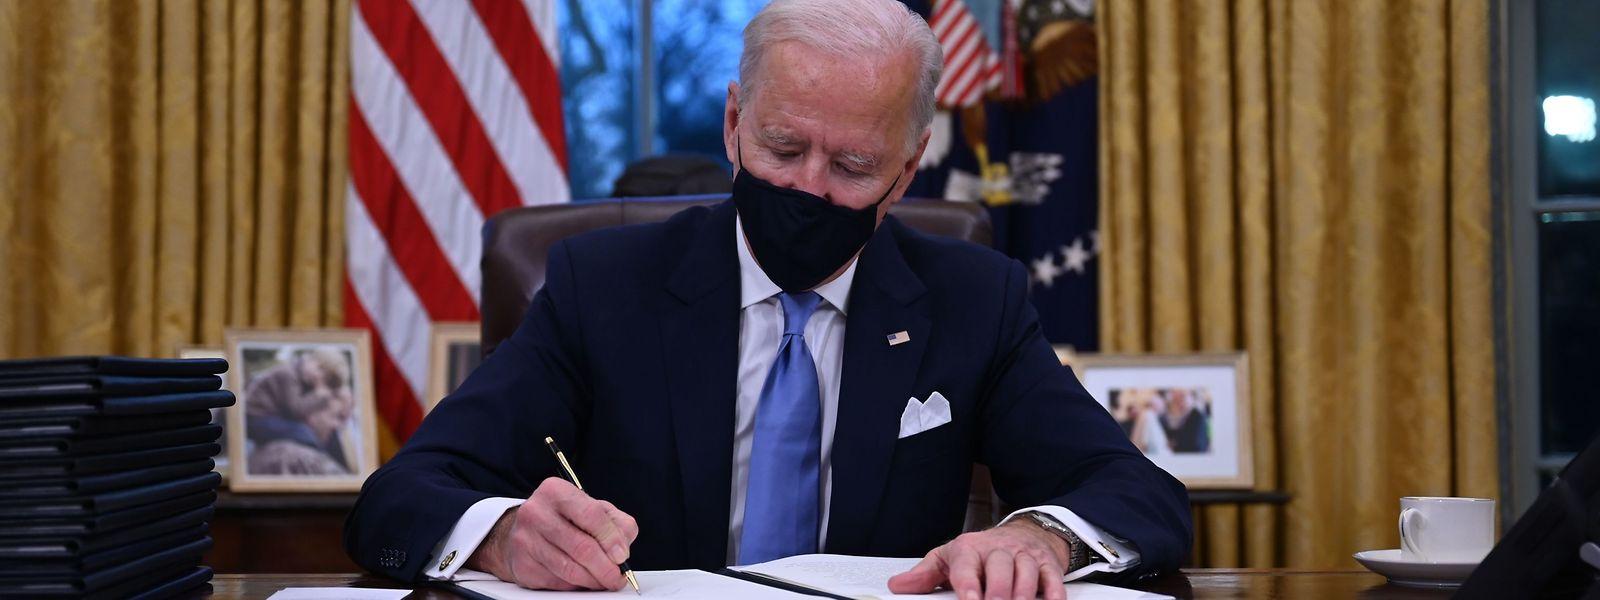 Kaum im Amt erlässt der neue US-Präsident Joe Biden bereits von seinem neuen Schreibtisch im Oval Office 17 Dekrete.